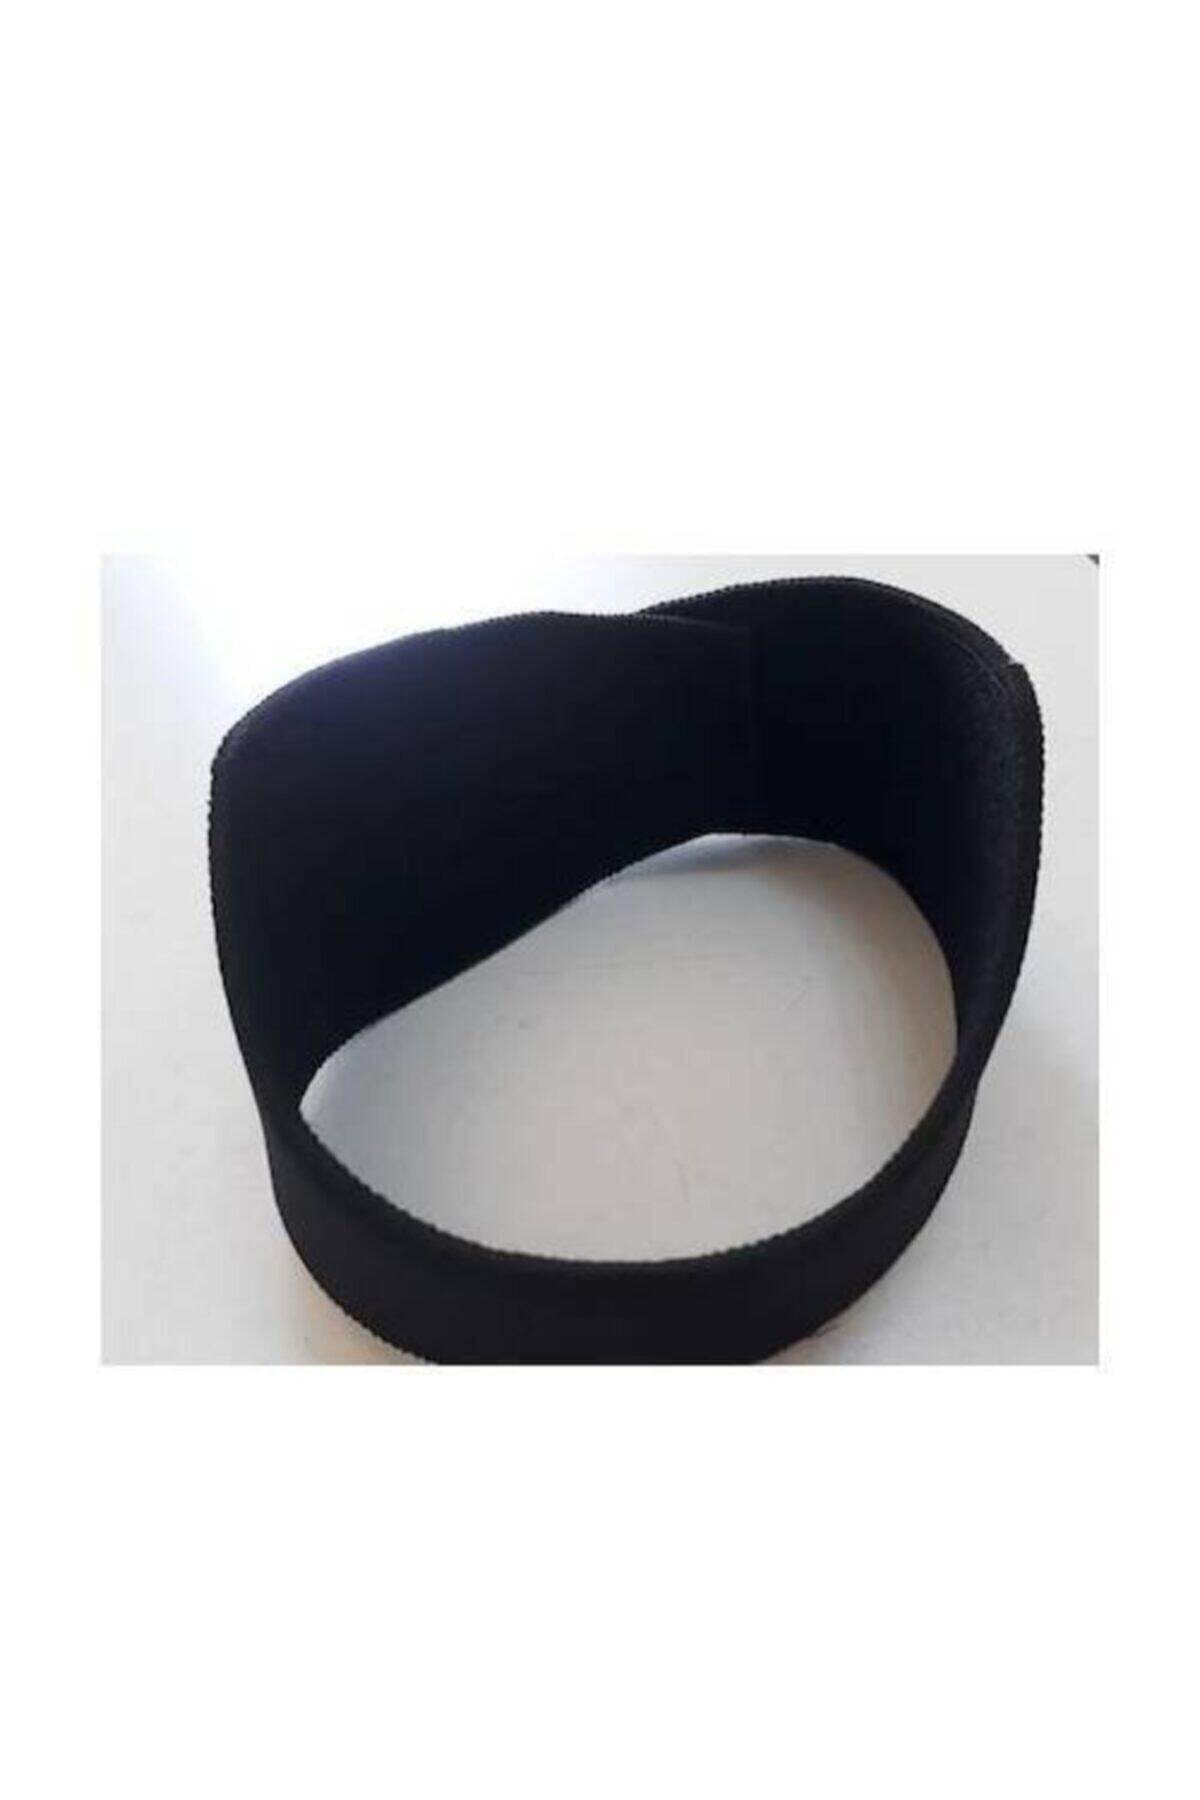 MEDİKAL Unisex Siyah Kepçe Kulak Bandı 2